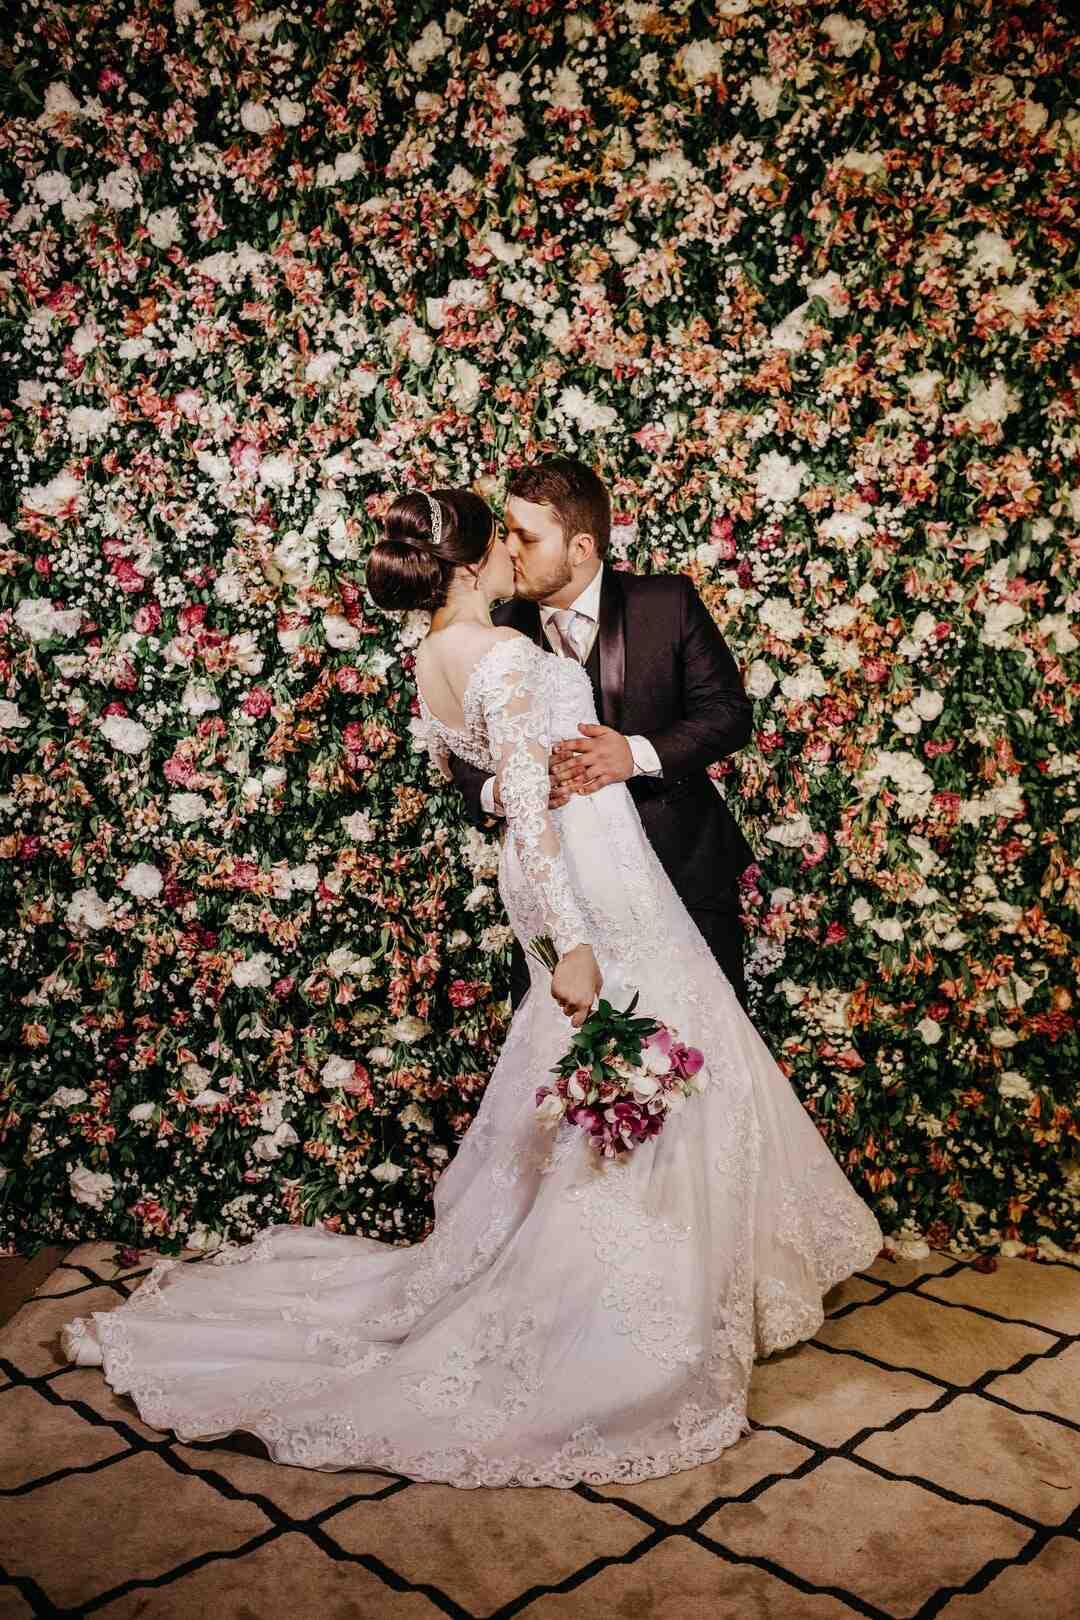 Quelle taille Bouquet mariée ?